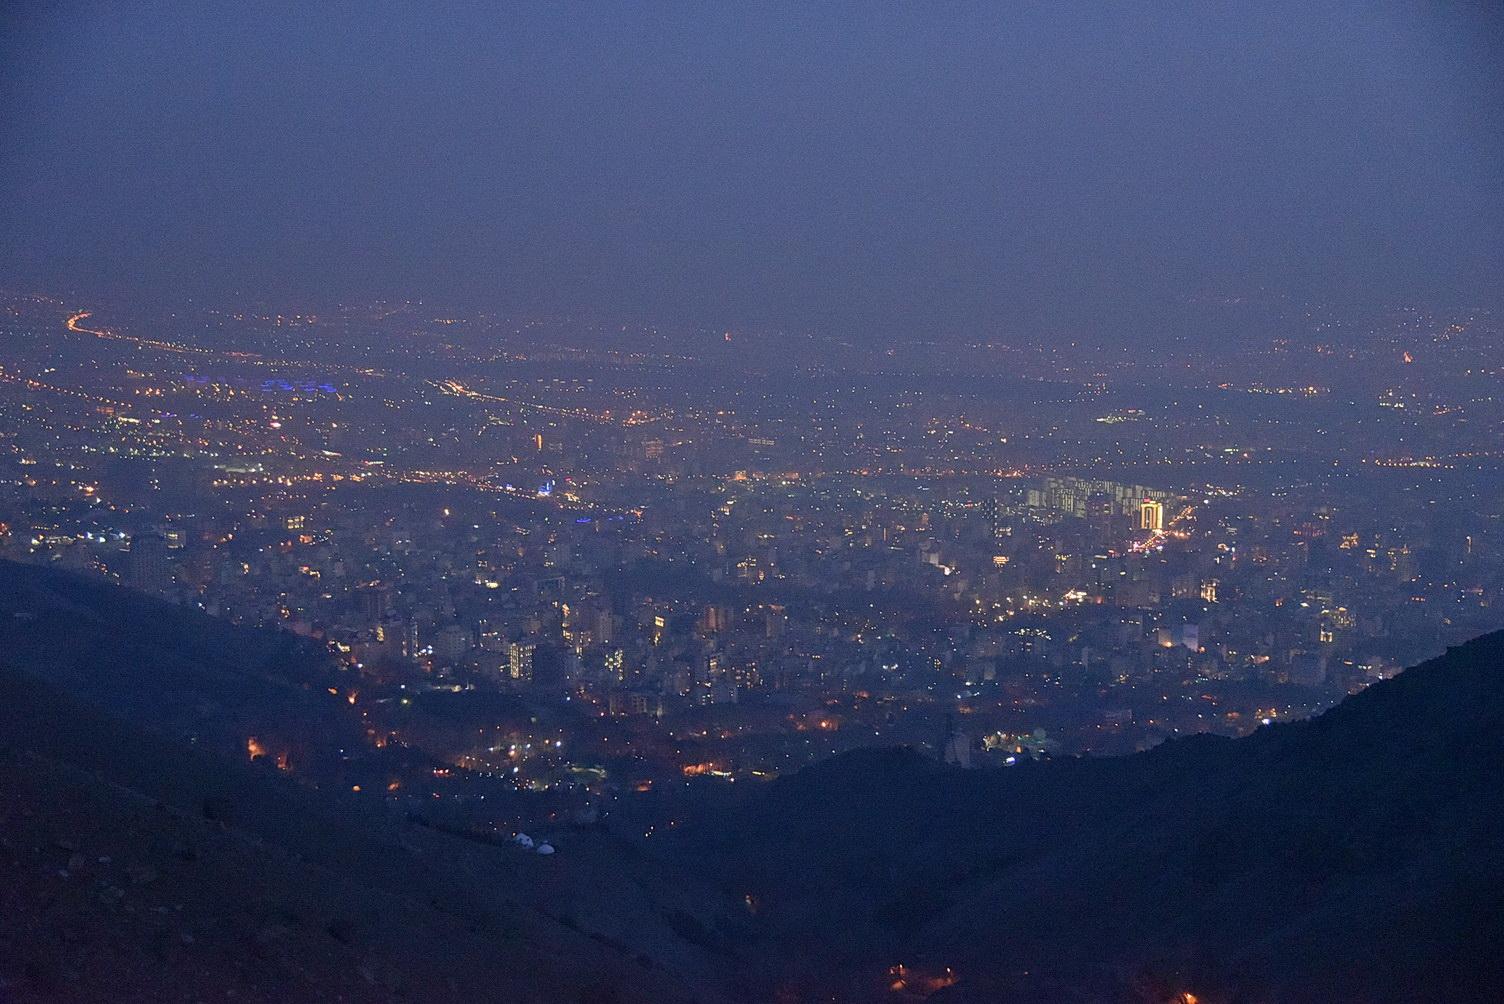 هوای آلوده موجب کوتاه شدن عمر میلیون ها نفر در جهان می شود